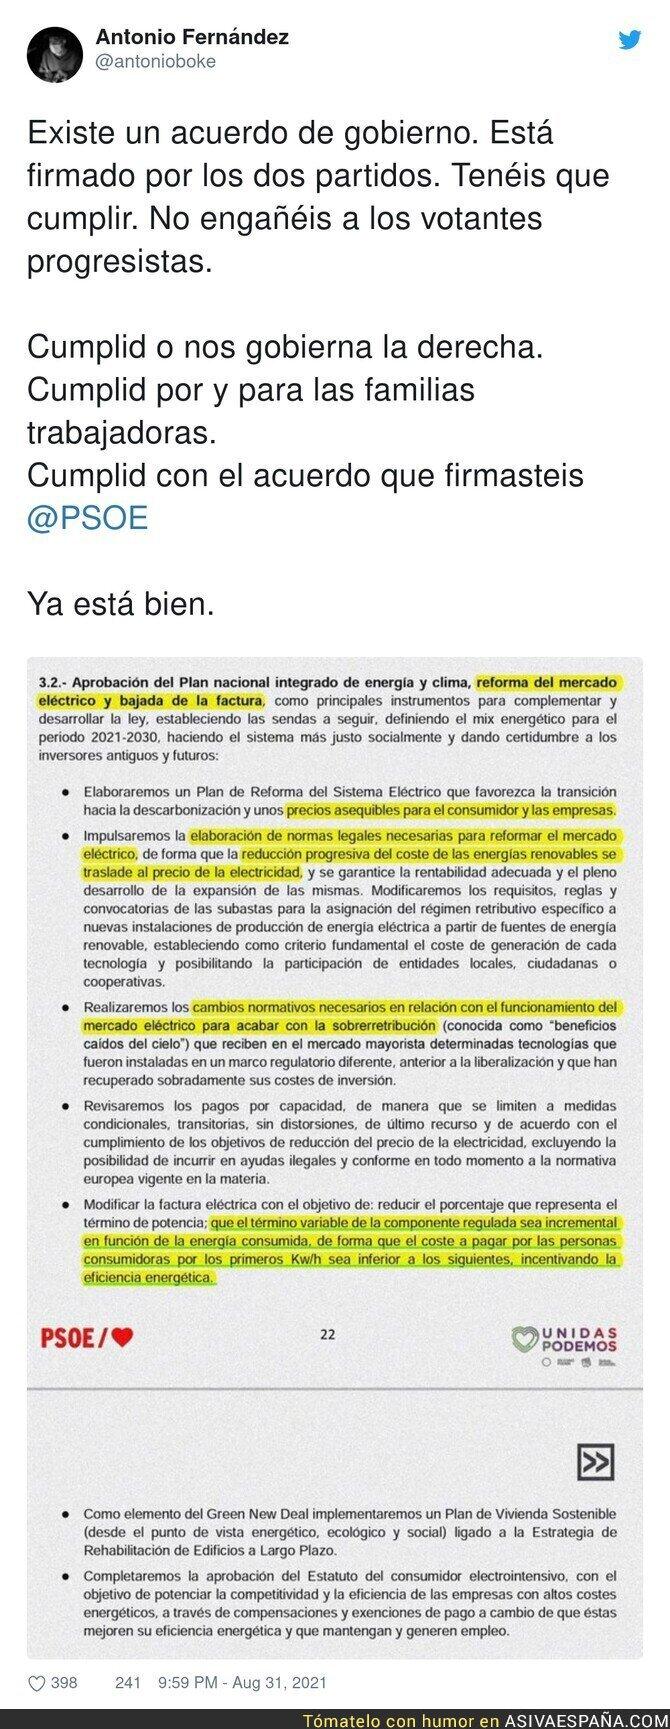 893607 - PSOE basta de bromas y actúa con lo que has firmado